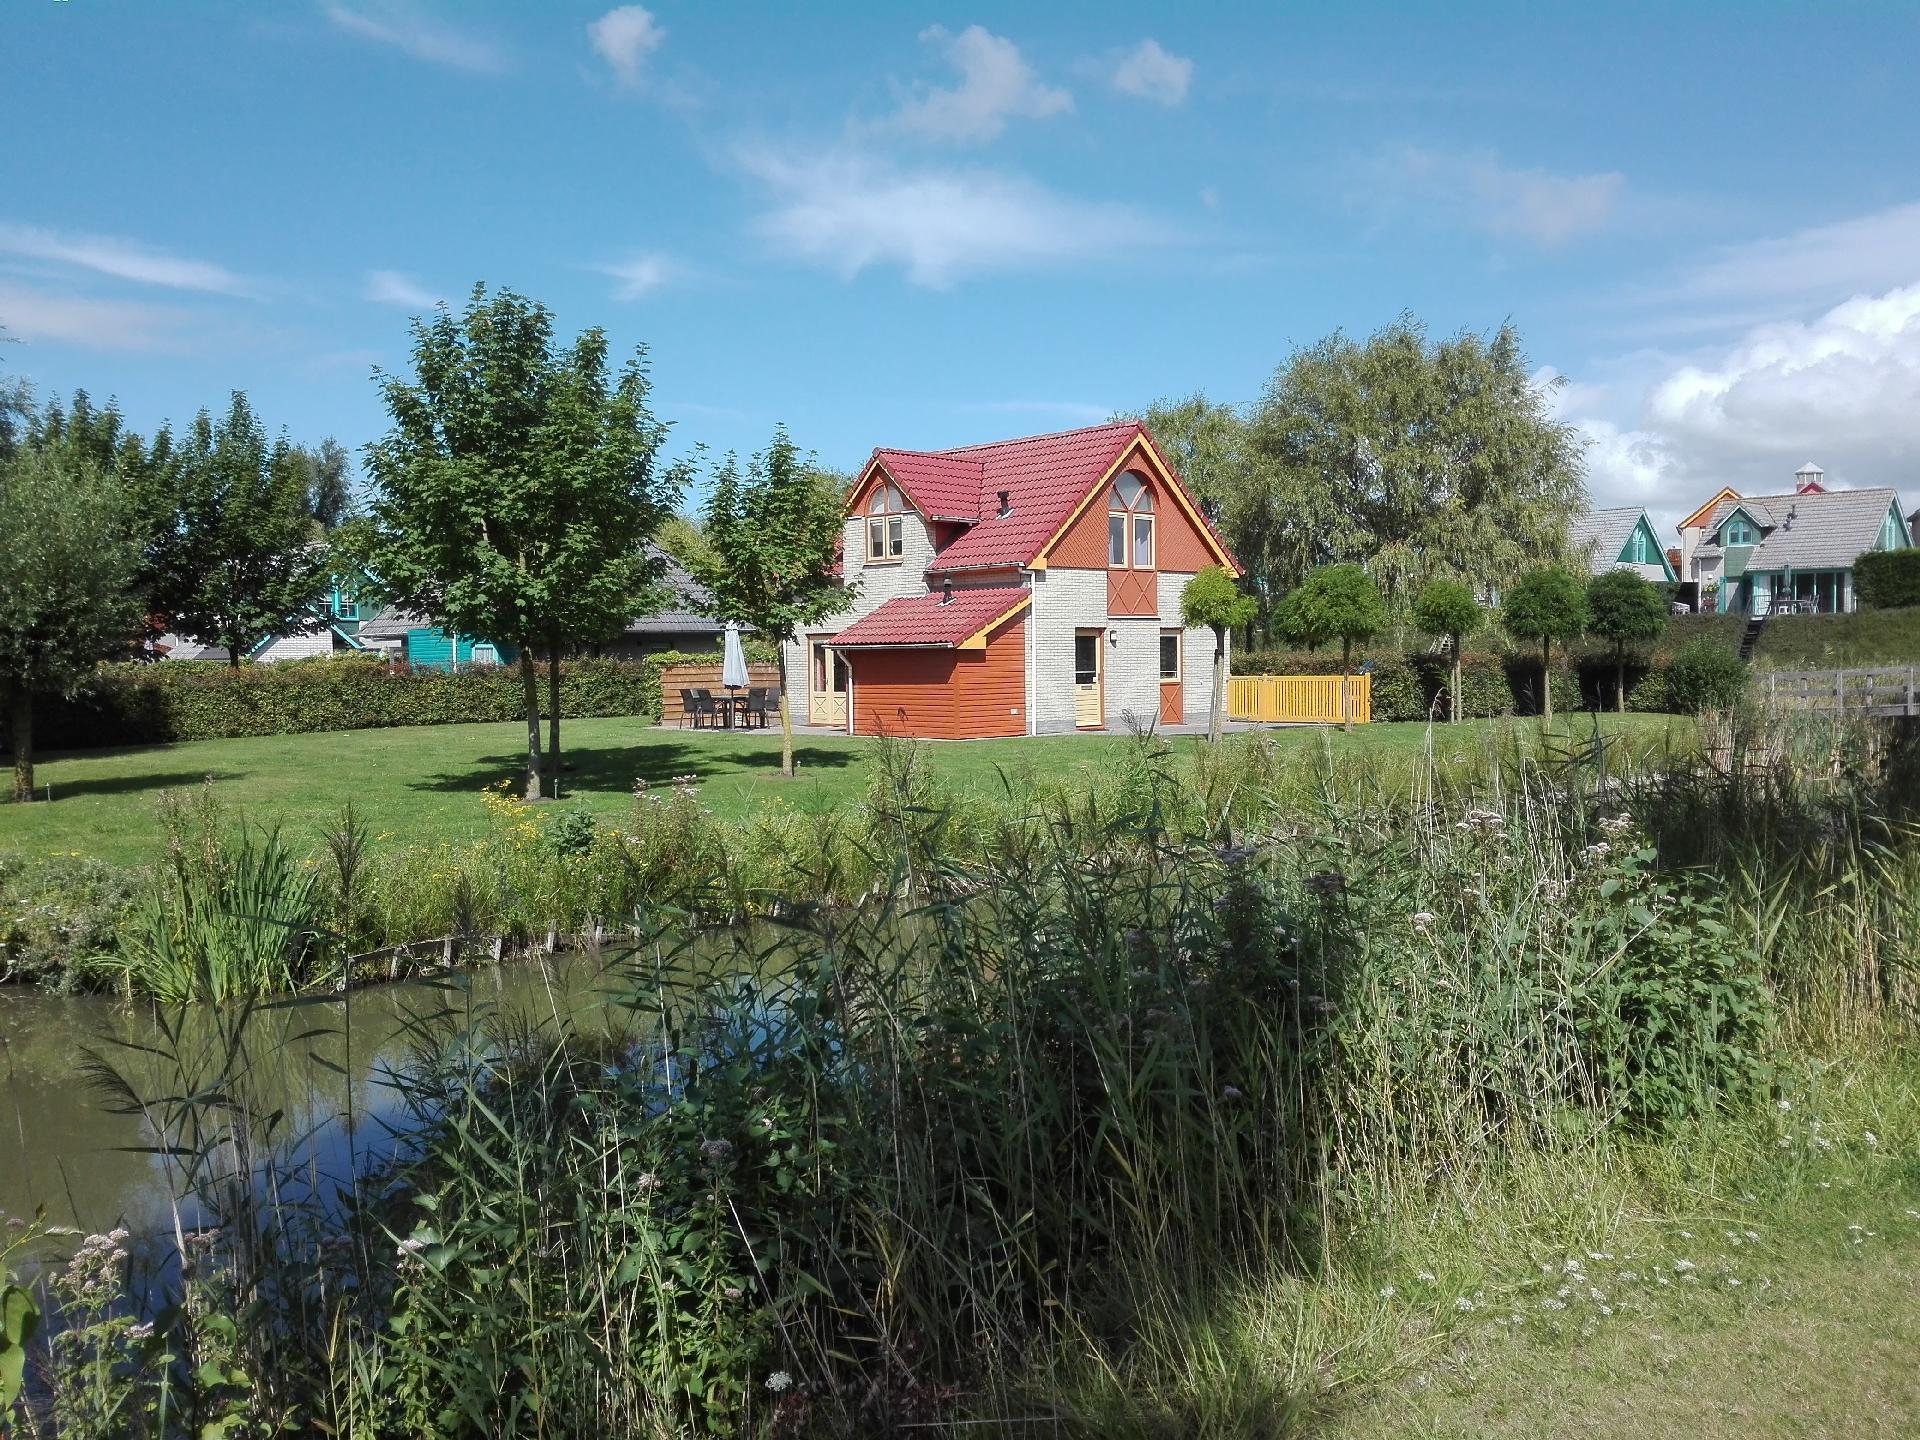 Ferienhaus für 6 Personen ca. 105 m² in   in den Niederlande